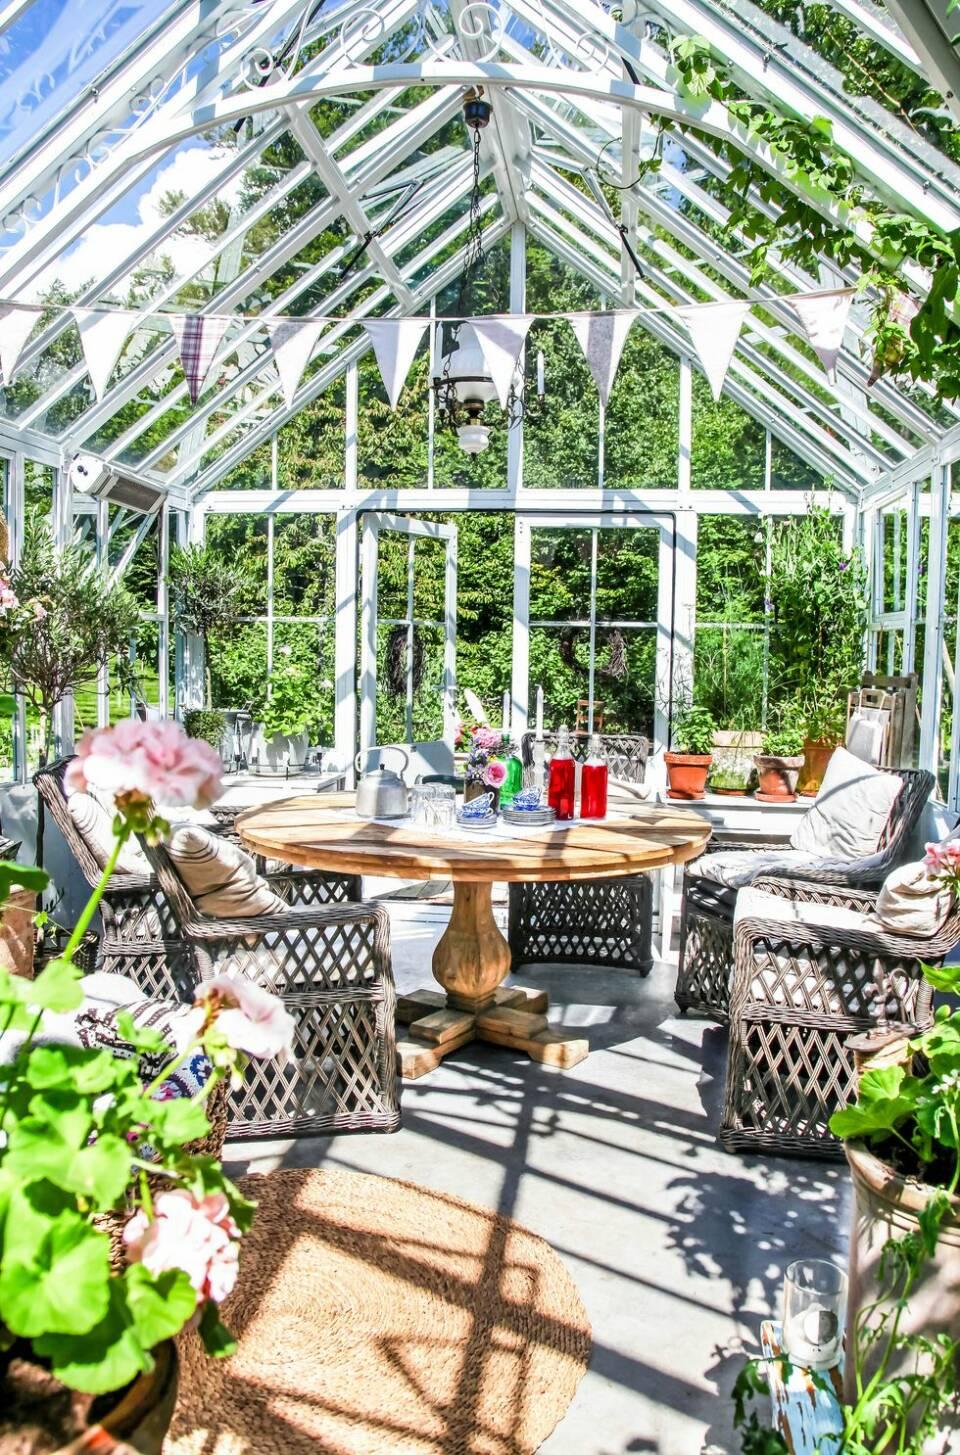 Förläng sommaren med ett växthus i trädgården